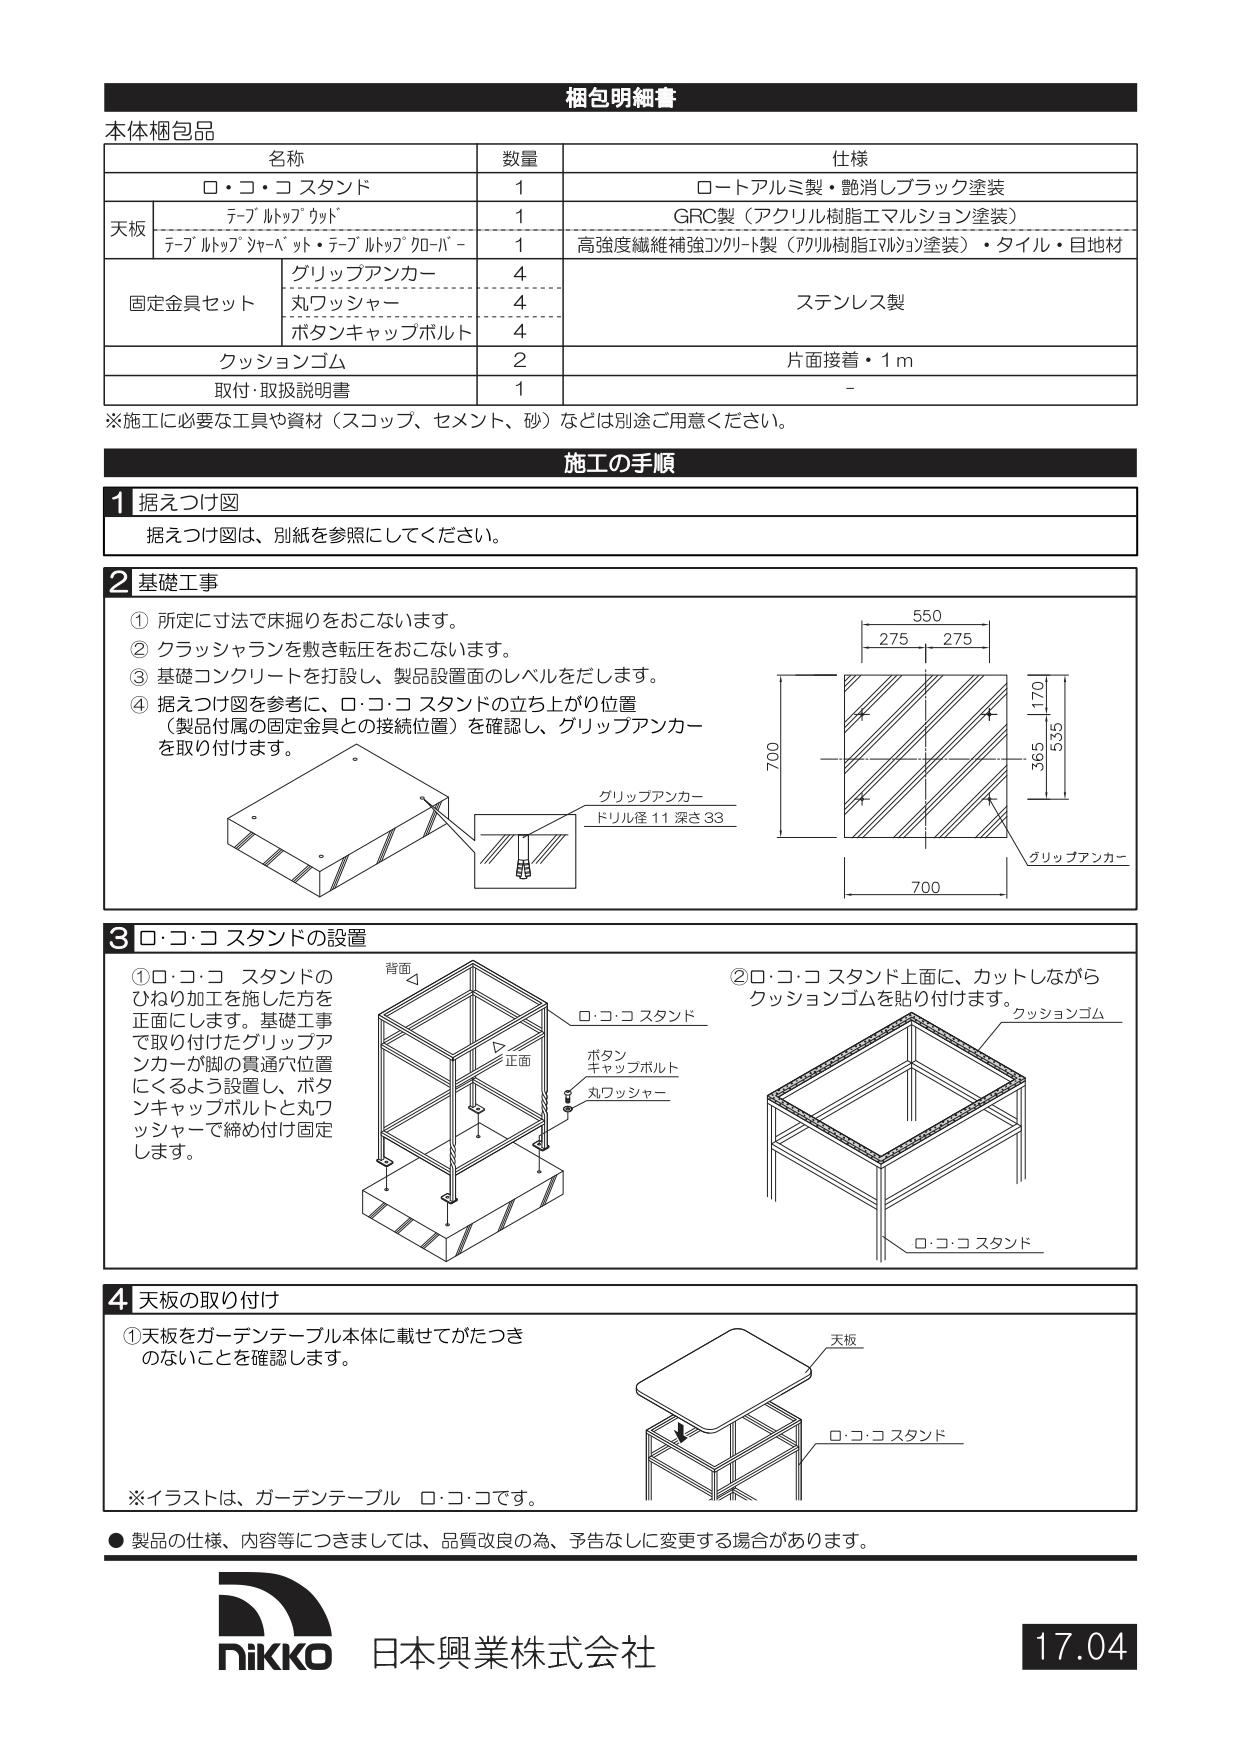 ガーデンテーブル ロココ 取扱説明書_page-0002